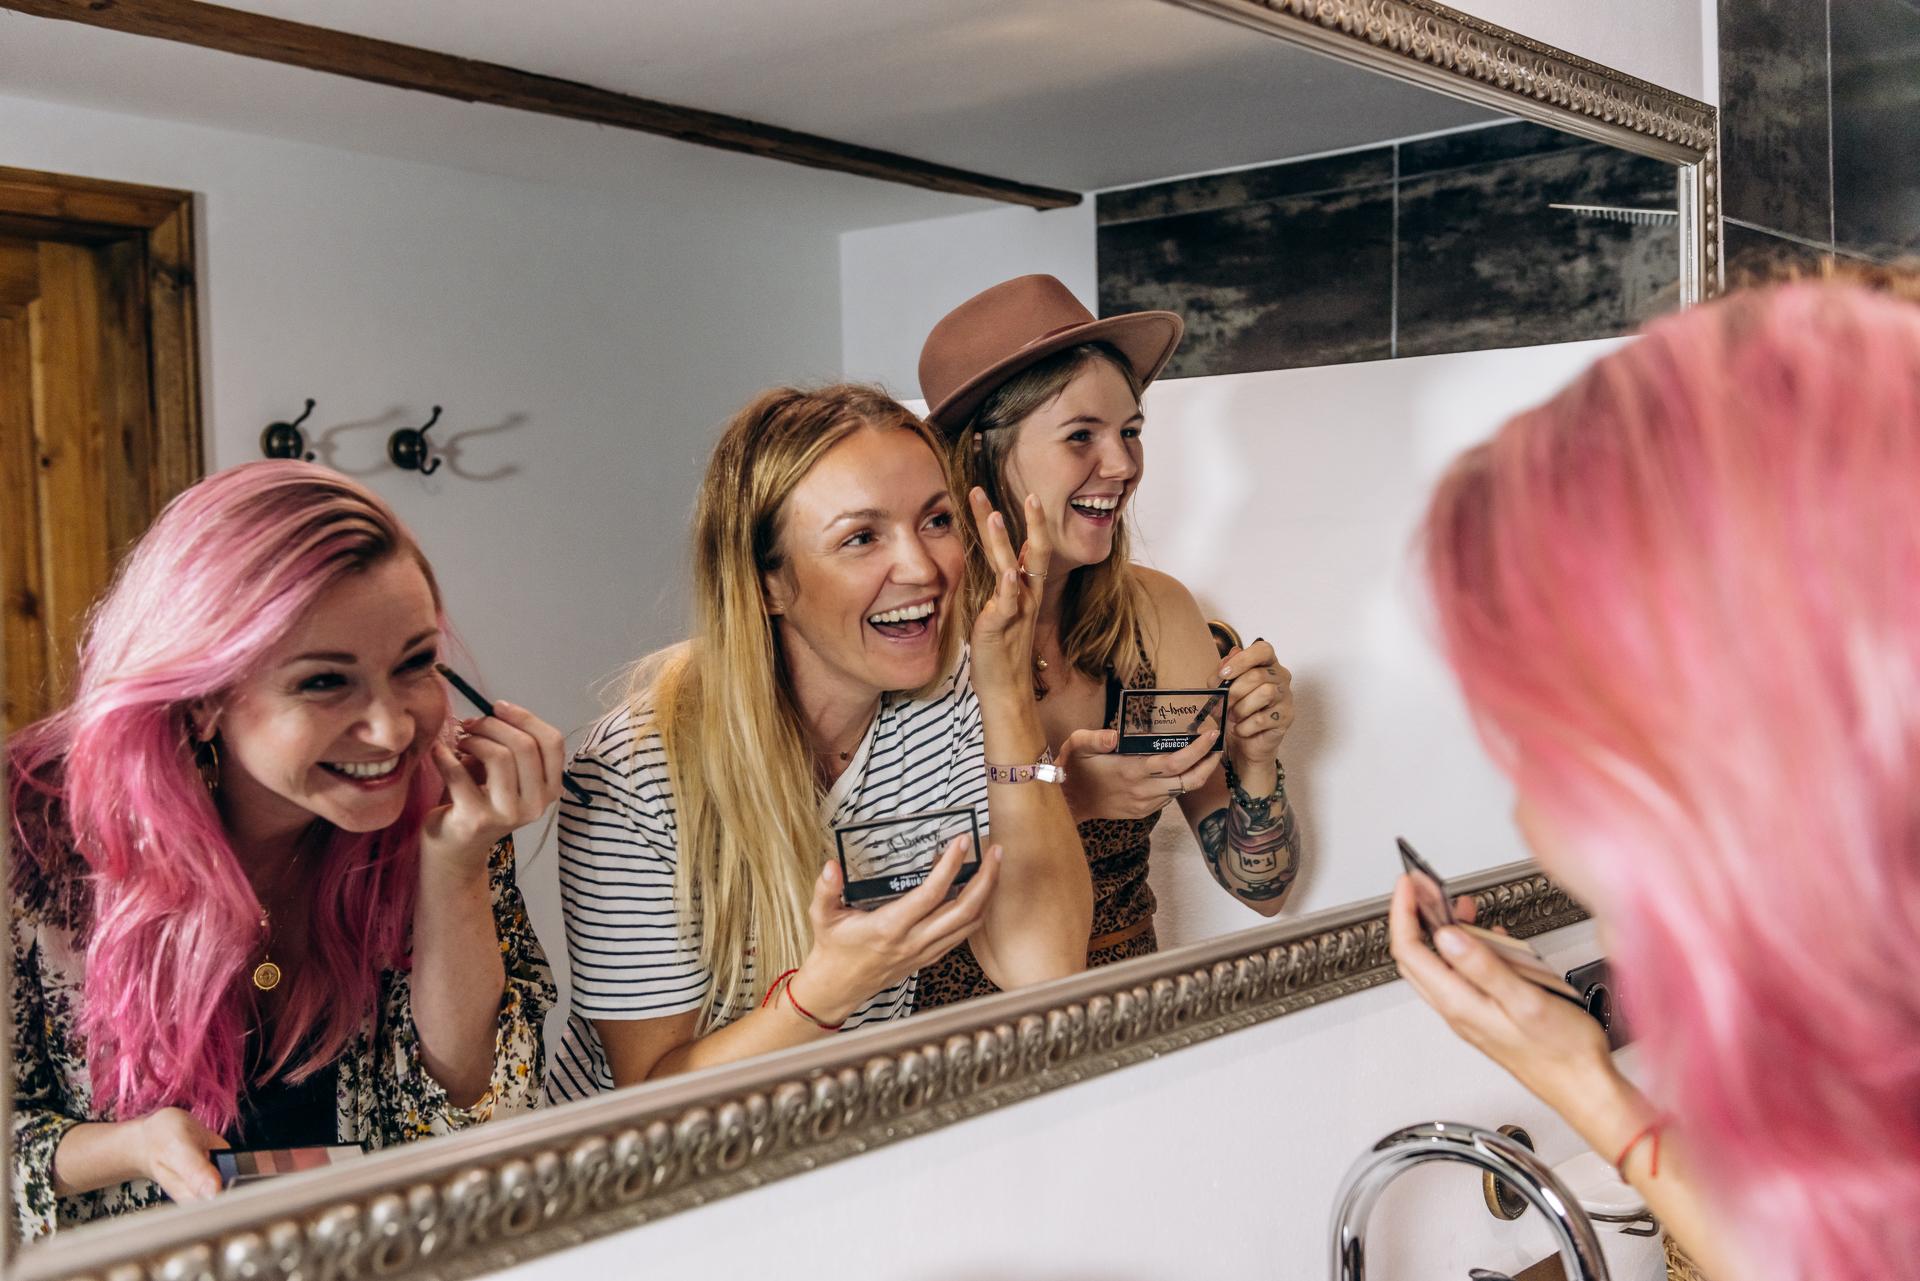 benecos it-pieces Mädchen schminken sich